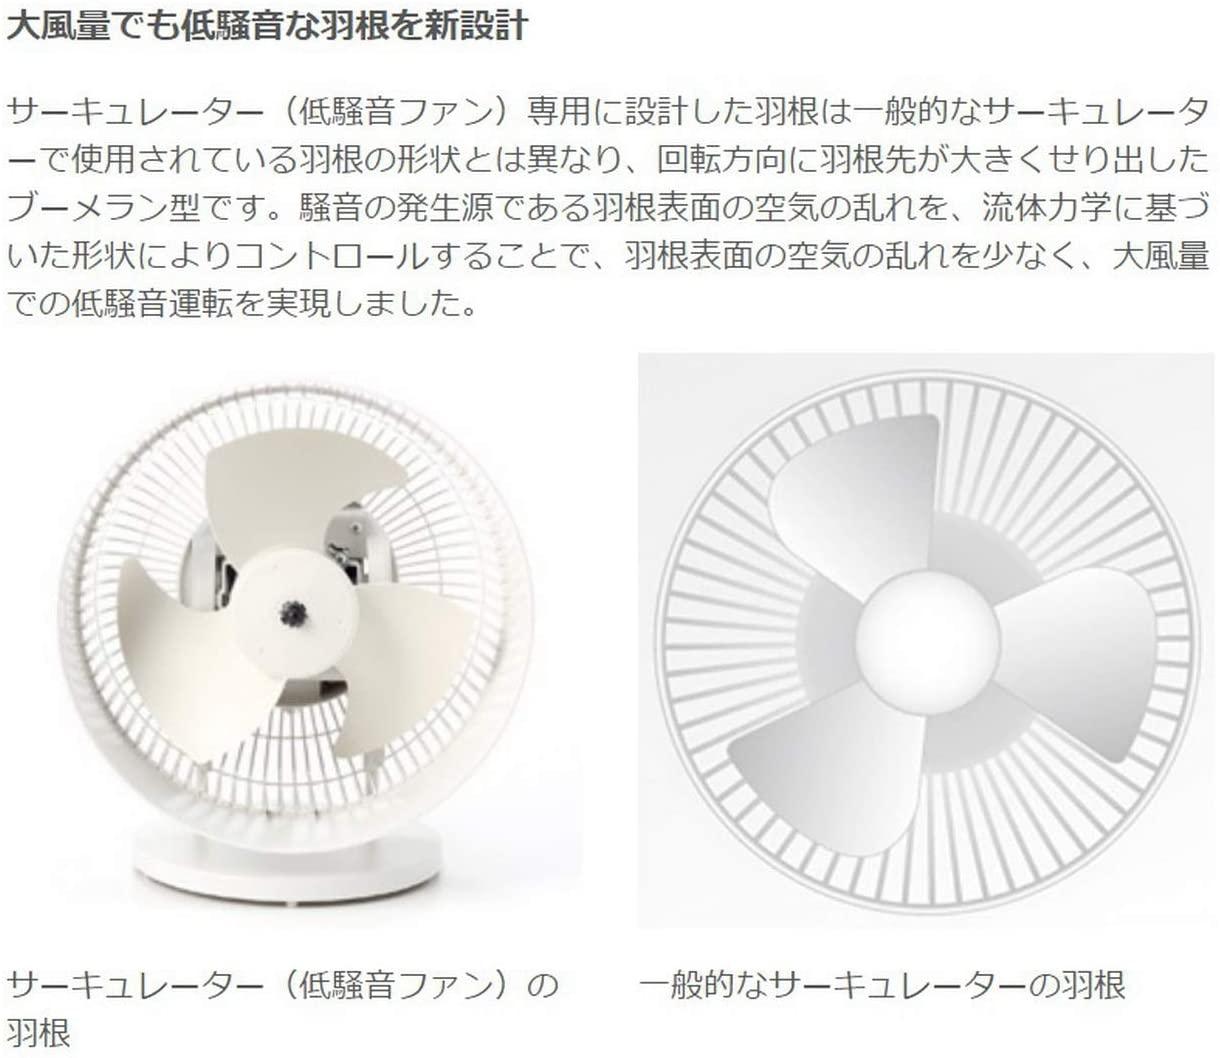 無印良品(MUJI) サーキュレーター(低騒音ファン・大風量タイプ) AT-CF26R-Wの商品画像18